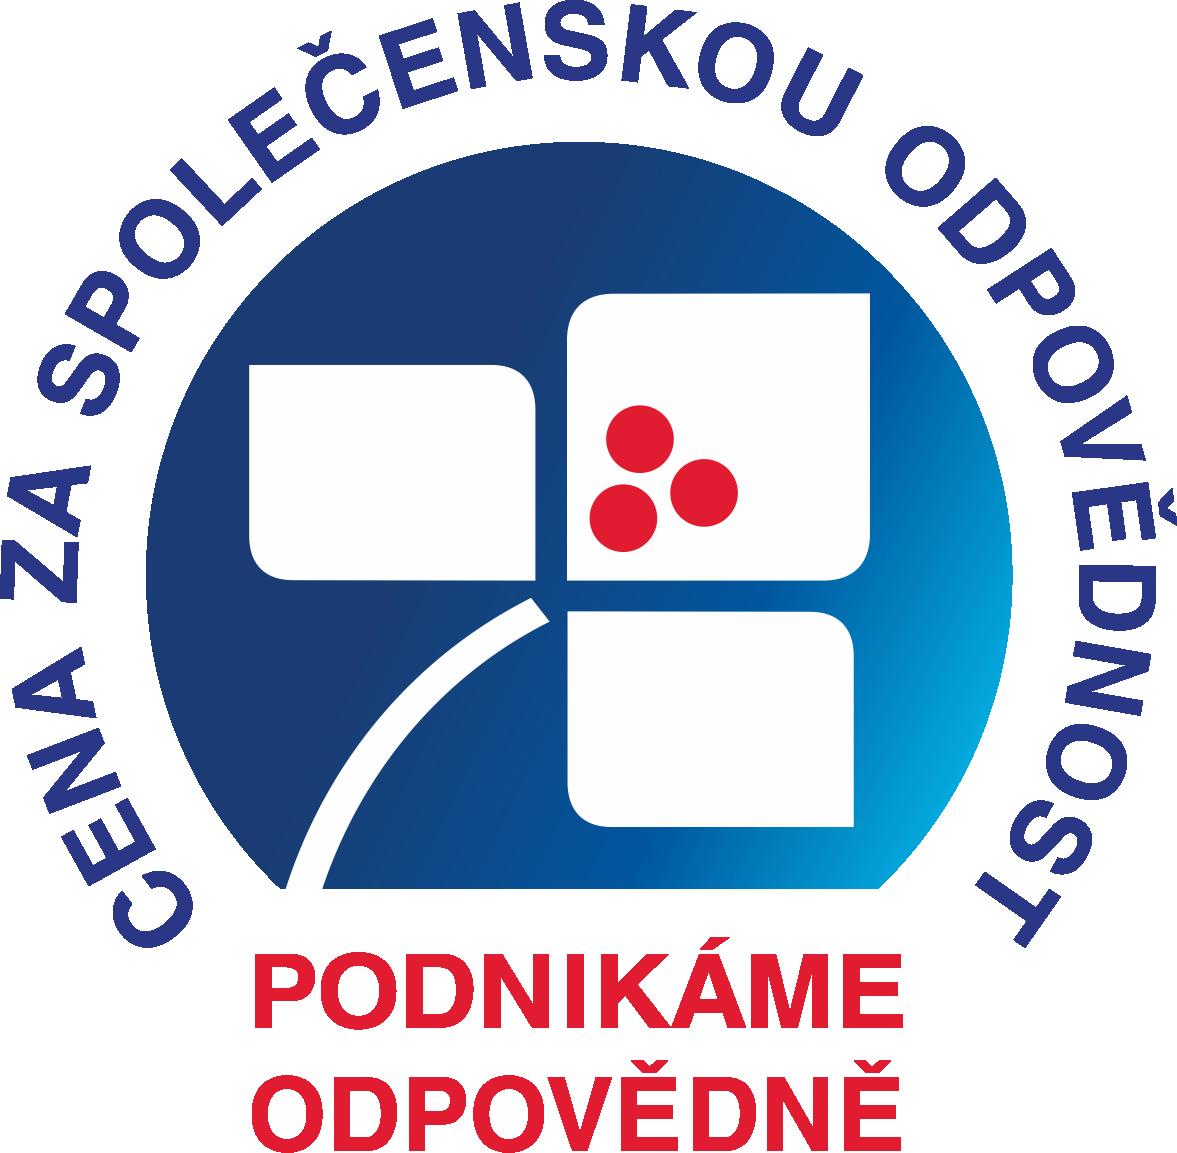 Podnikáme odpovědně: Ocenění na míru ušité malým a středním podnikům, rodinným firmám a sociálním podnikům